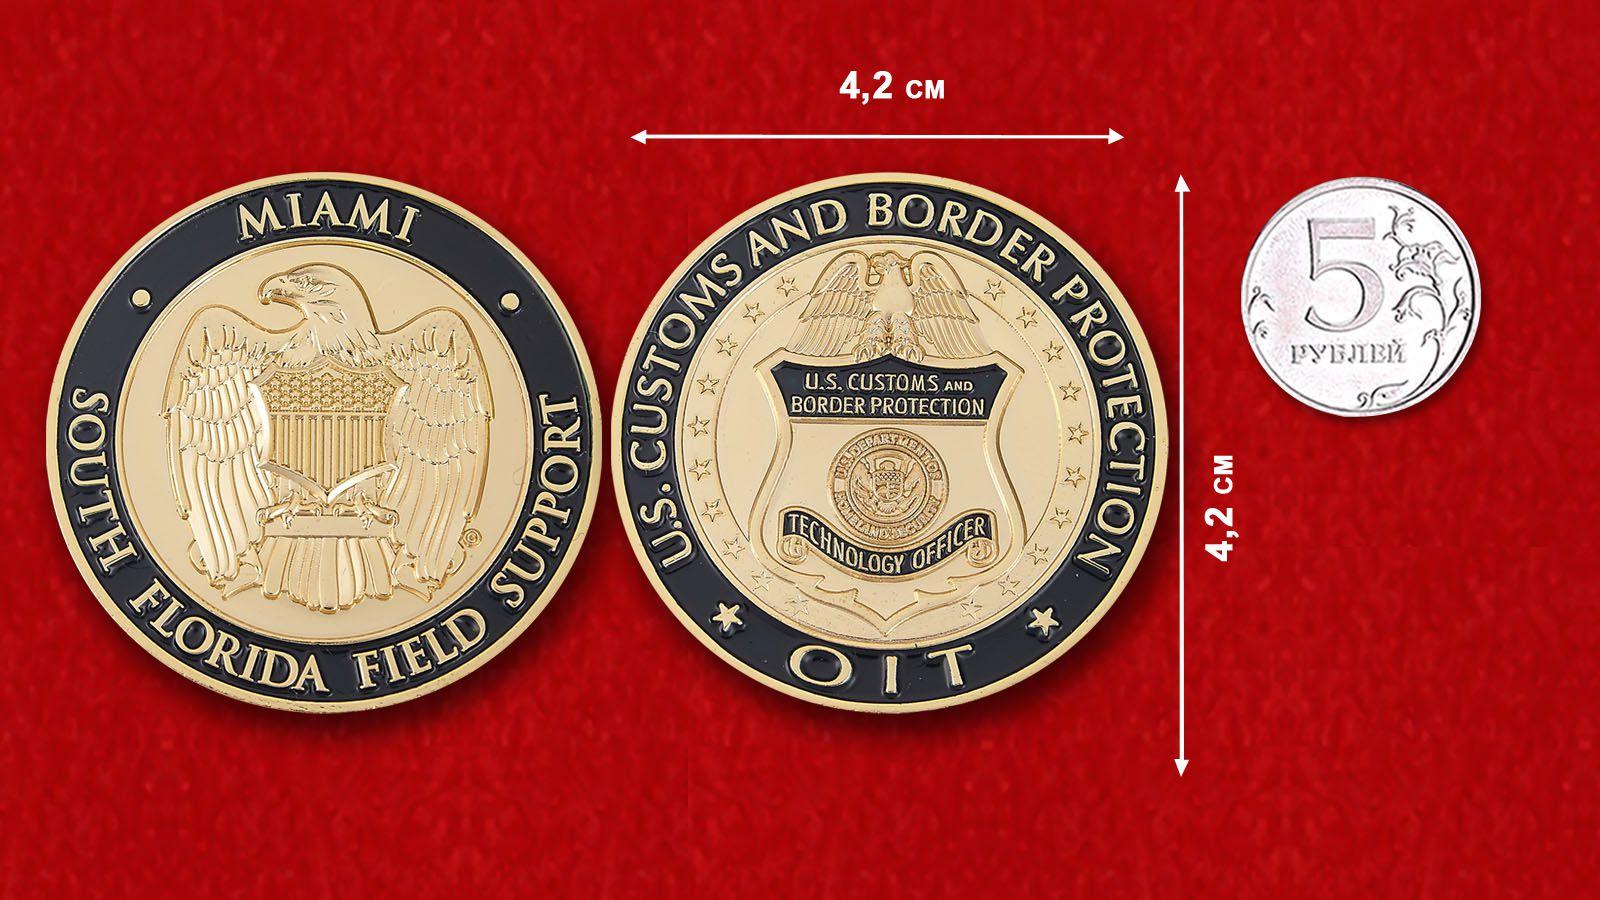 """Челлендж коин """"Таможня и Пограничная охрана США в Майами"""" - сравнитльный размер"""